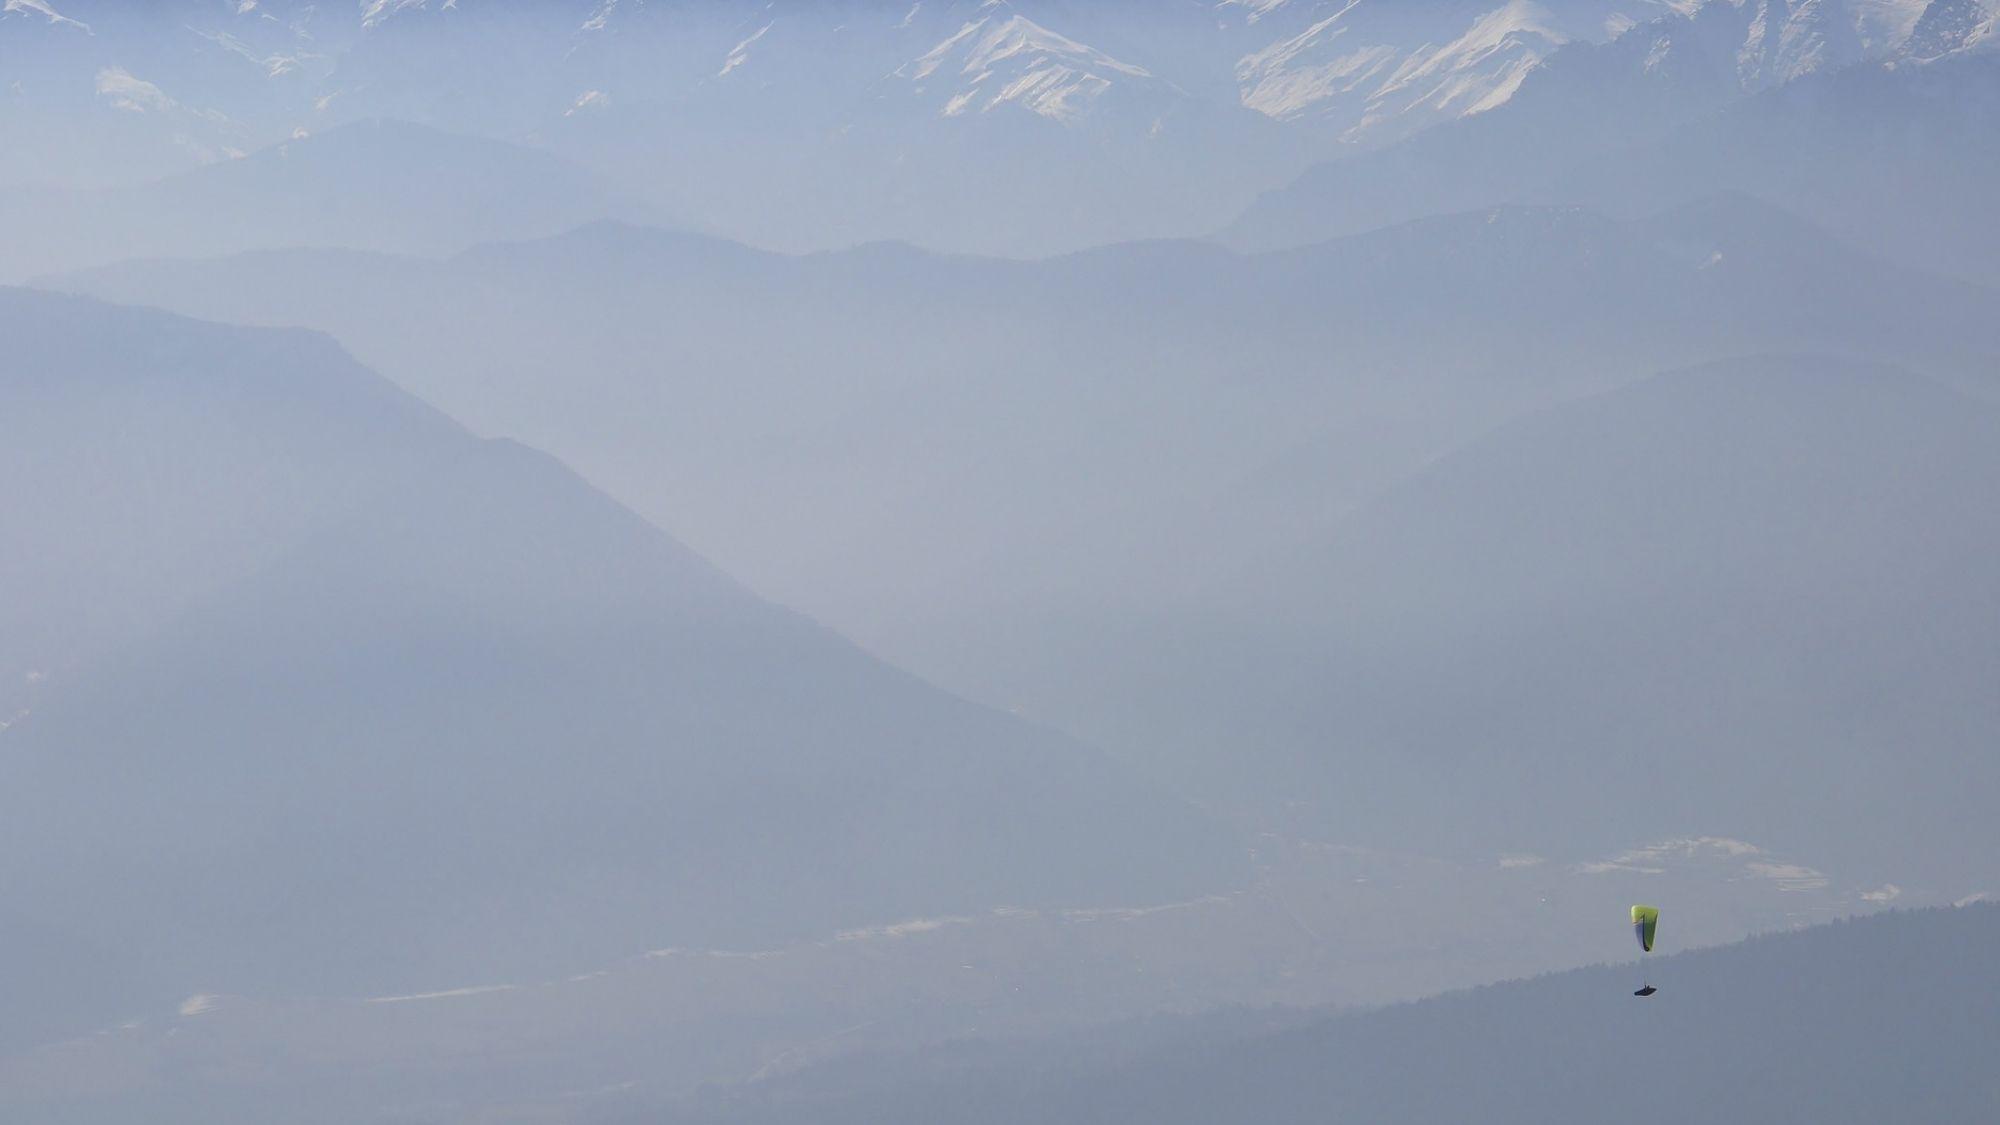 רחפן בהרים - ביטוח ספורט אקסטרים